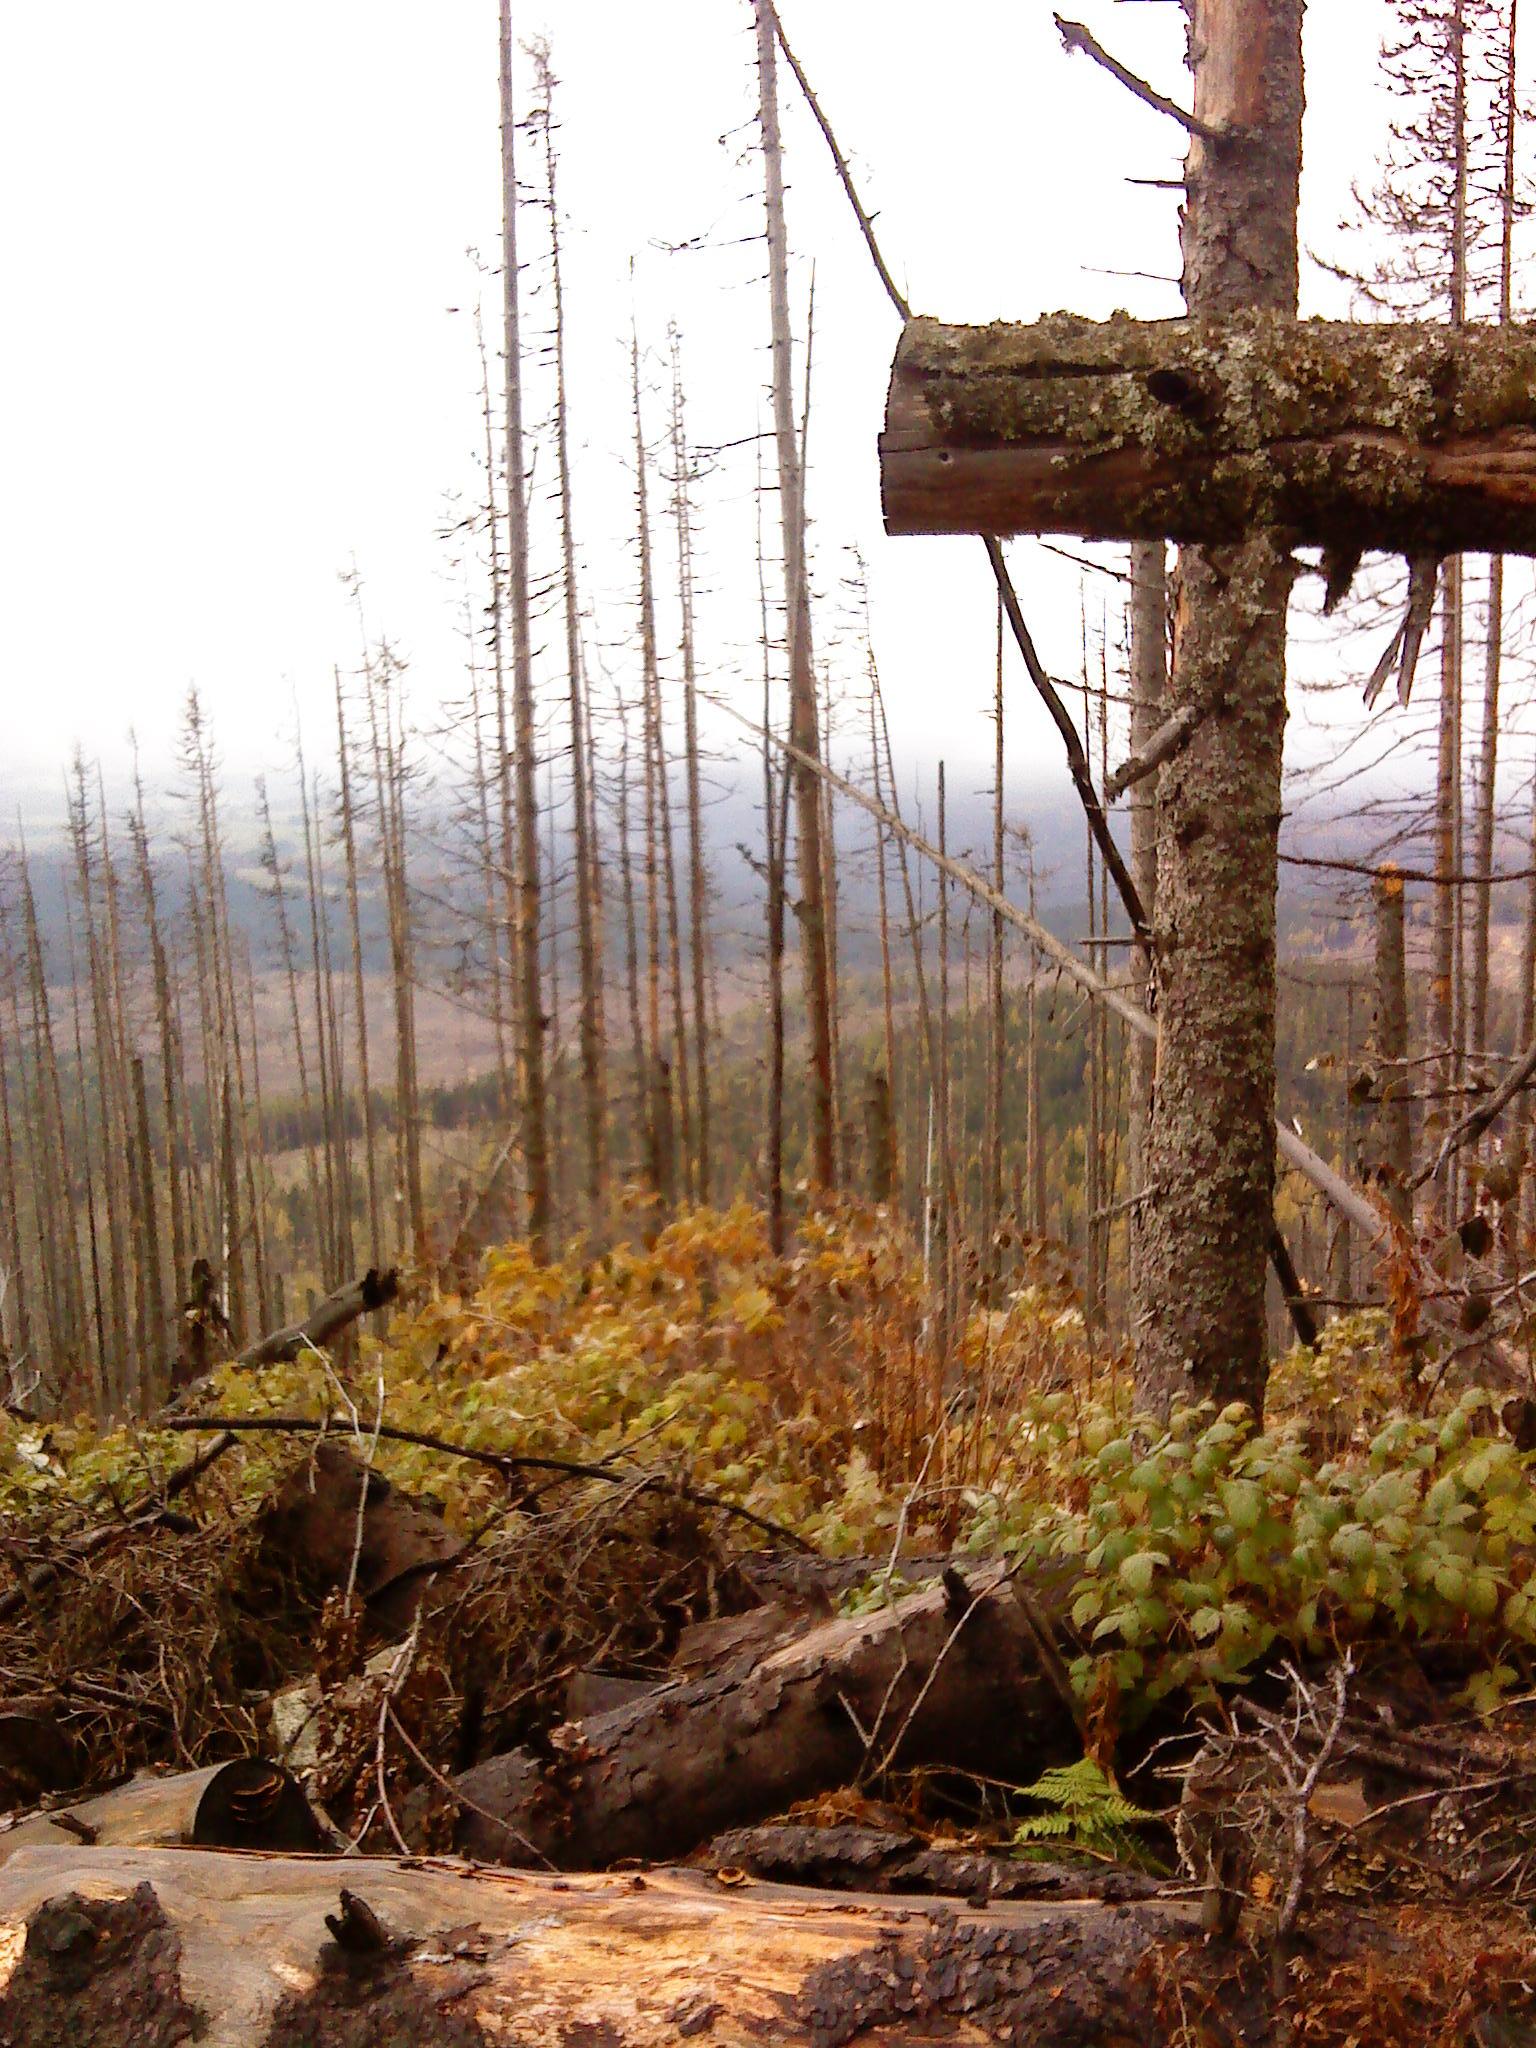 Kříž ze stromů, který jakoby symbolicky říkal, že s krajinou je Amen. Autor: Martin Kirschner.